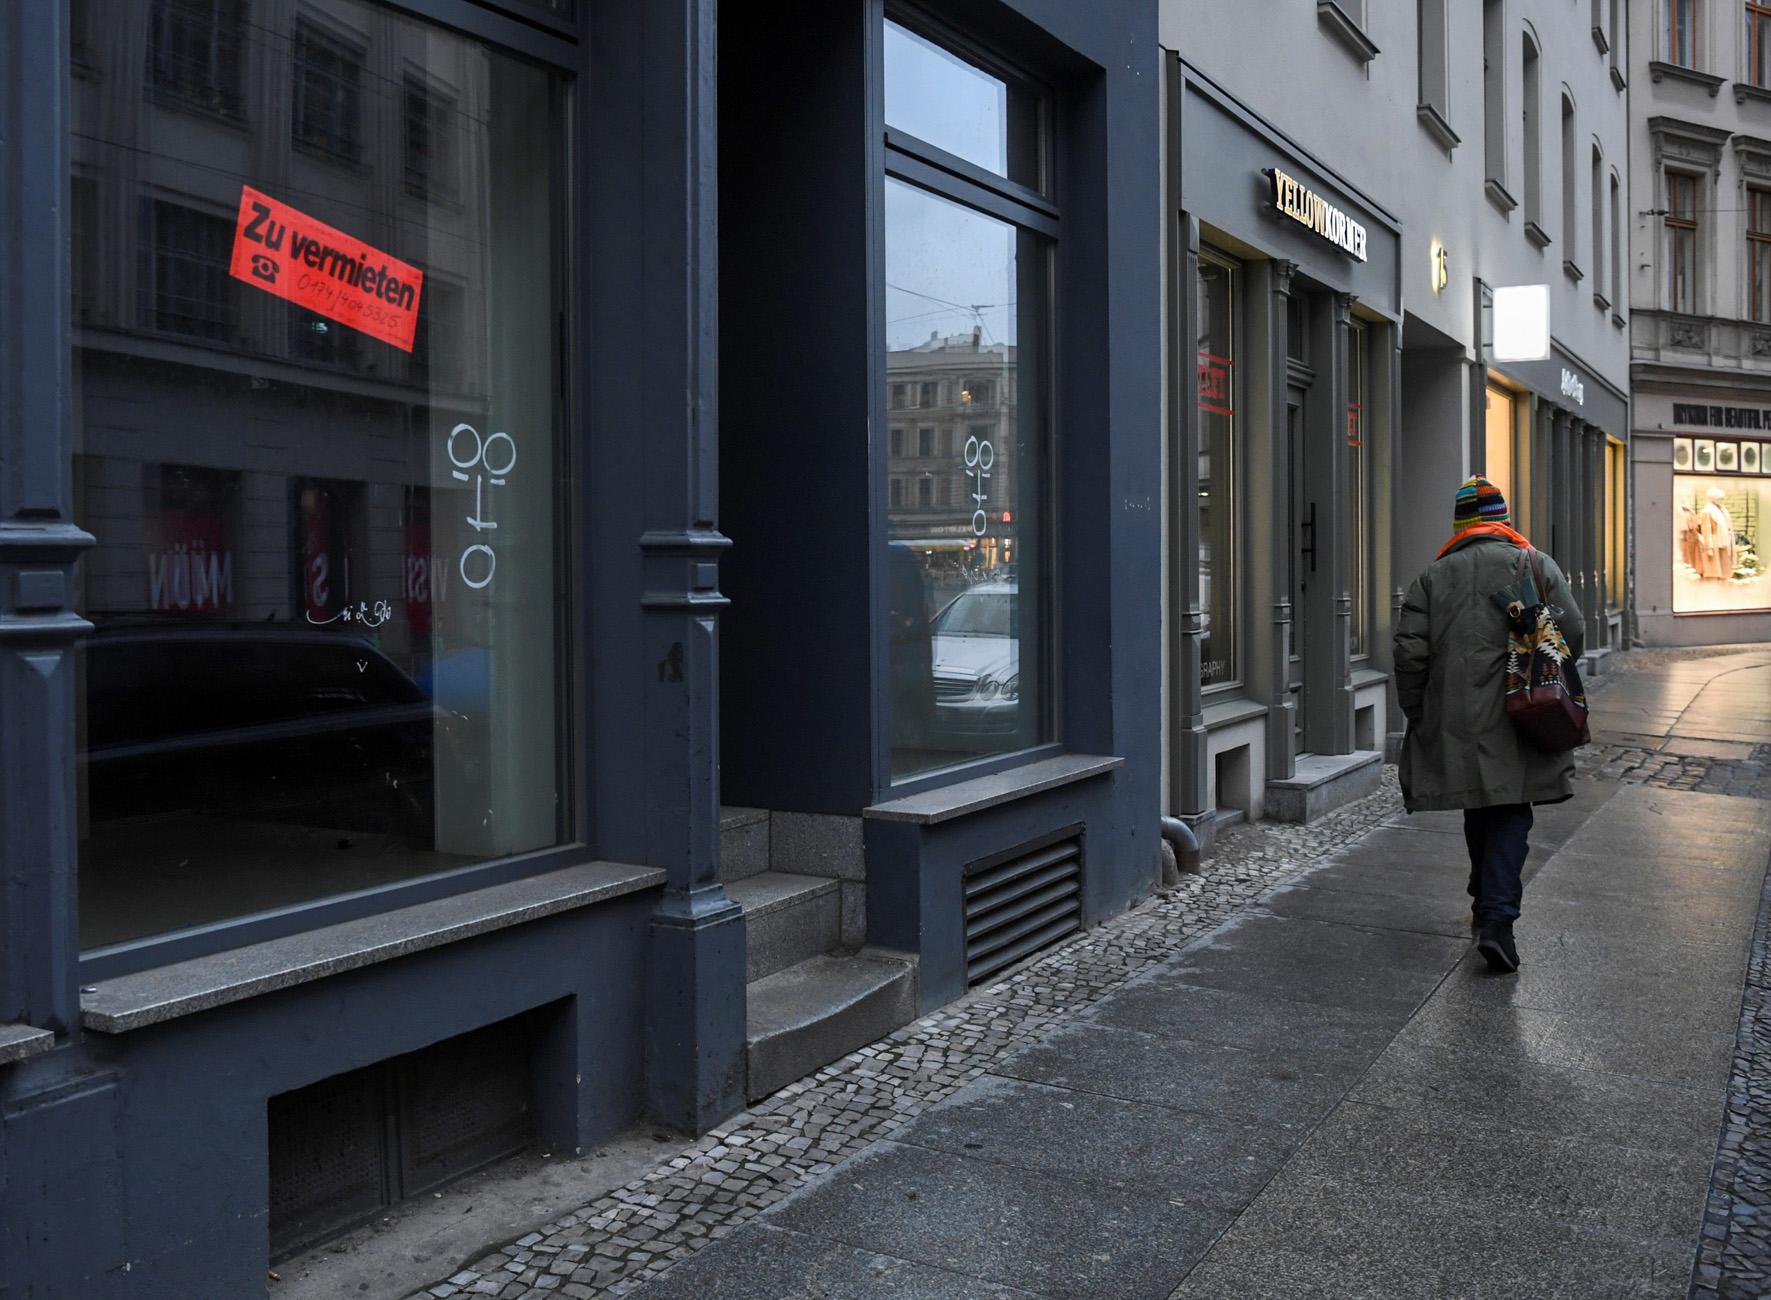 Γερμανία: Τα κρατίδια συμφώνησαν σε παράταση lockdown για ακόμη 3 εβδομάδες